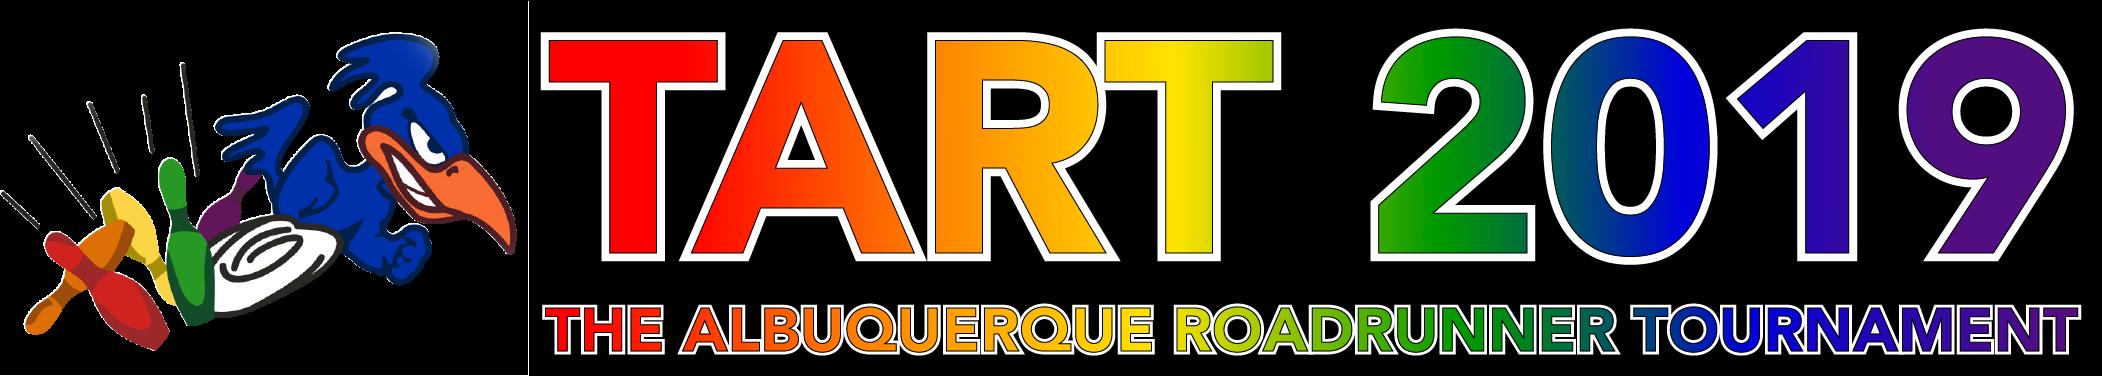 The Albuquerque Roadrunner Tournament